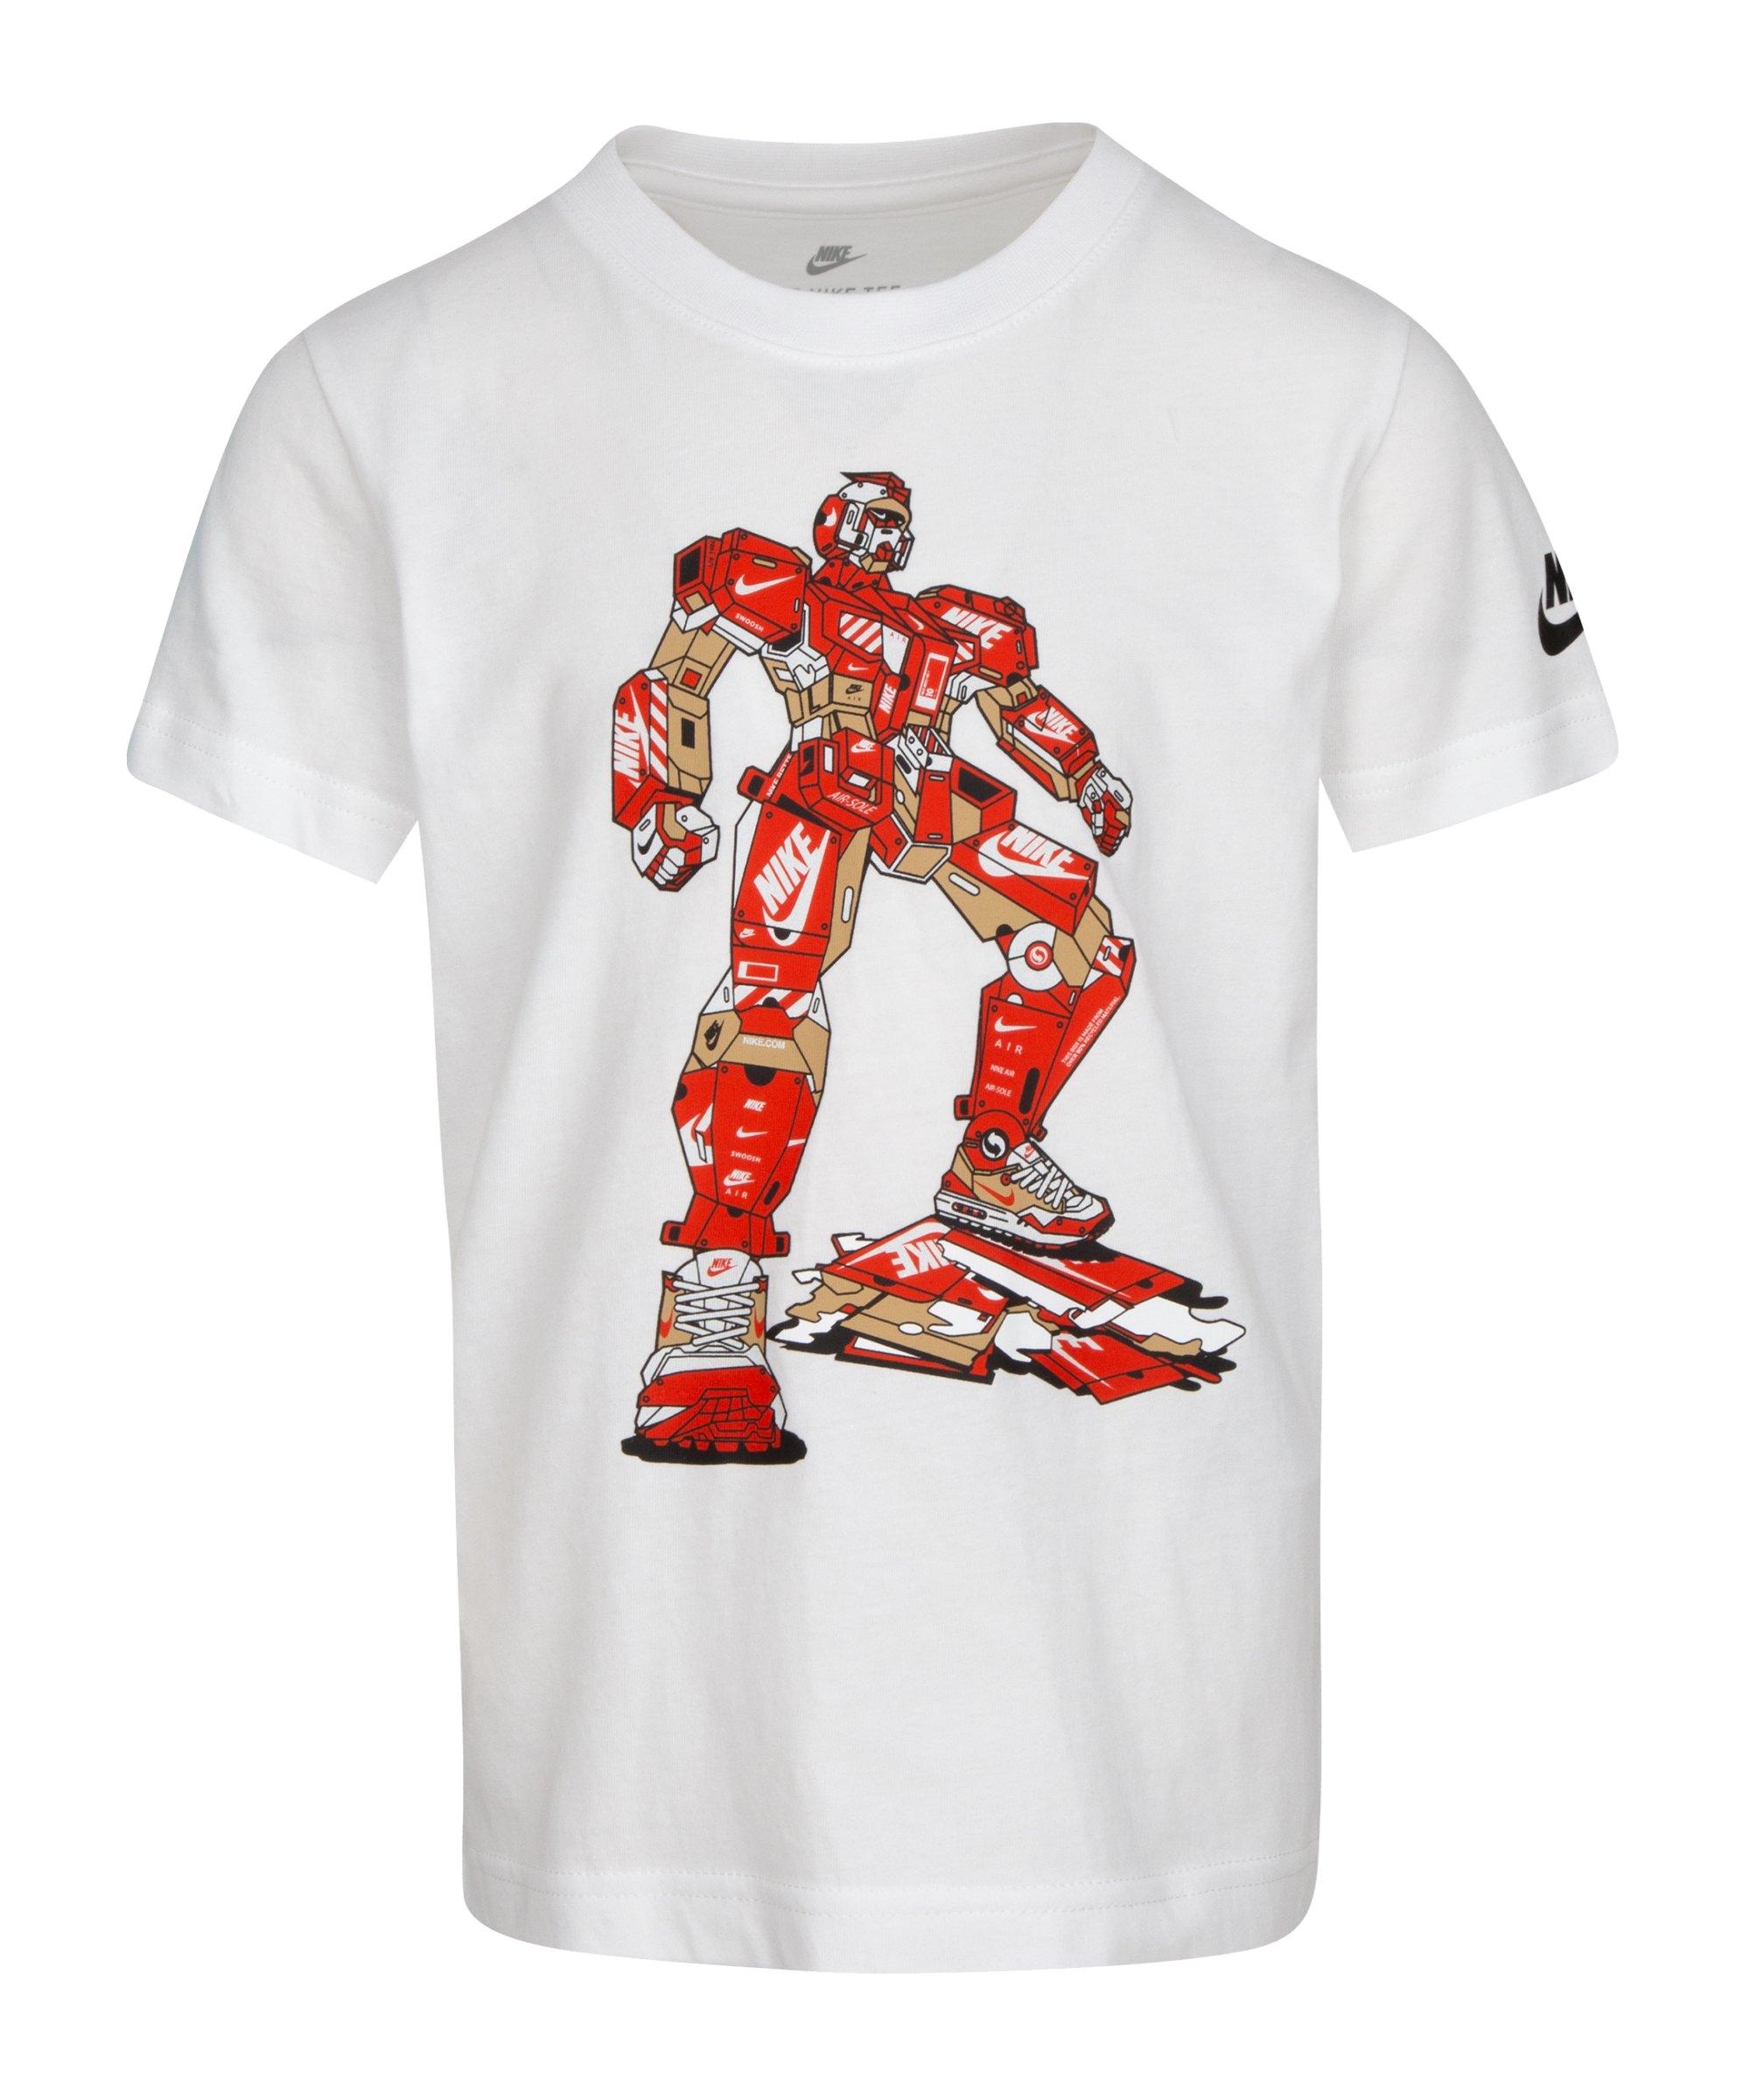 Nike Roblox T-Shirt Kids Weiss Rot F001 - weiss